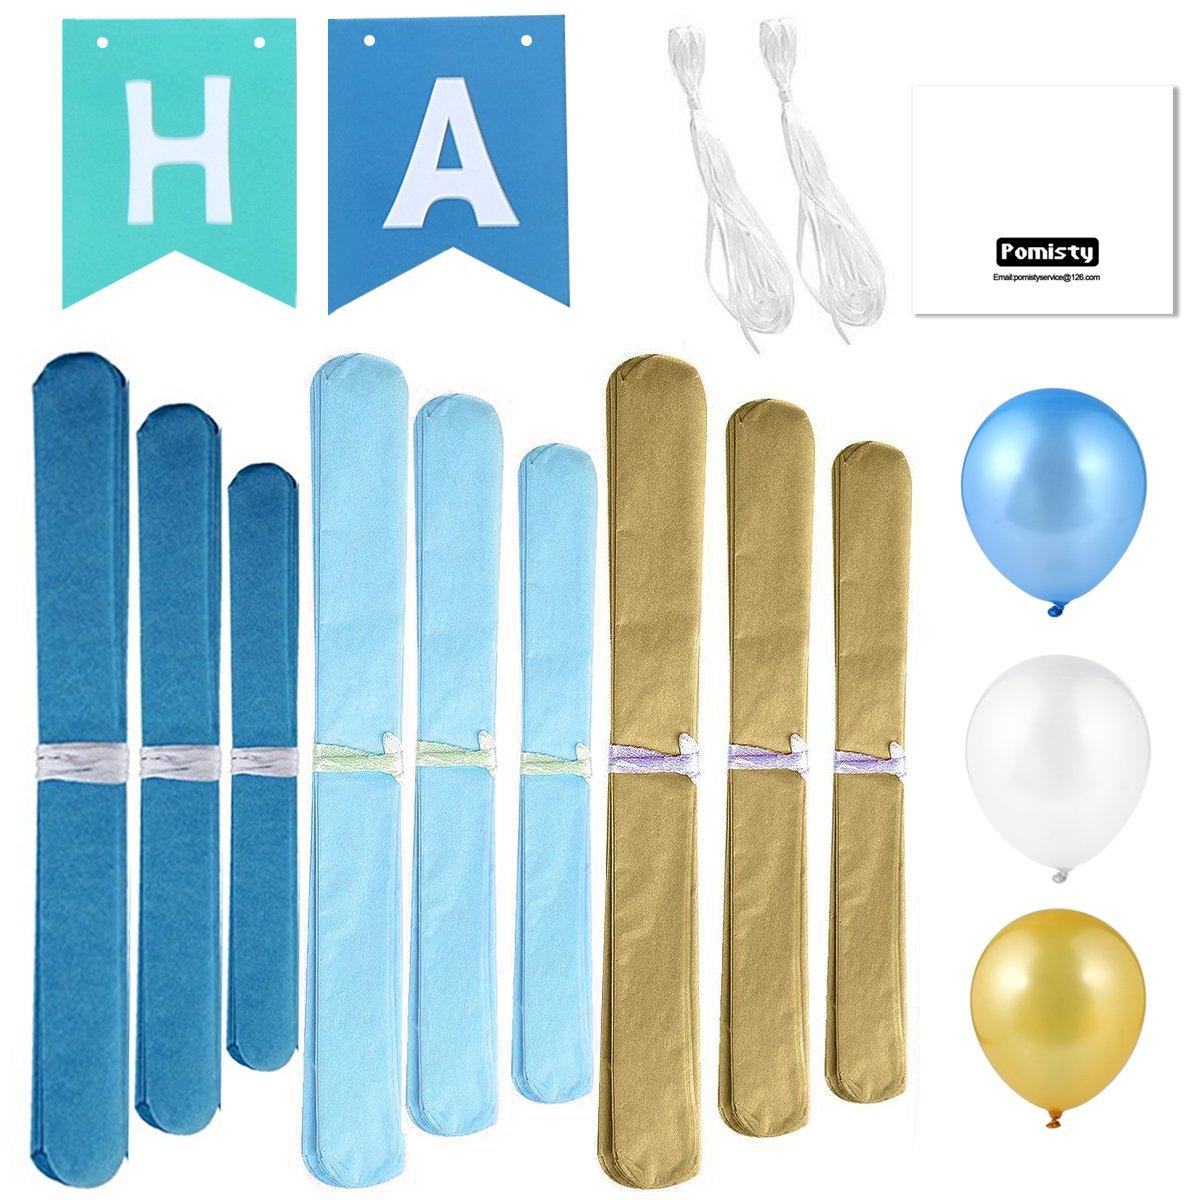 Kindergeburtstag Deko,Geburtstag Dekoration Set,Pomisty Happy ...